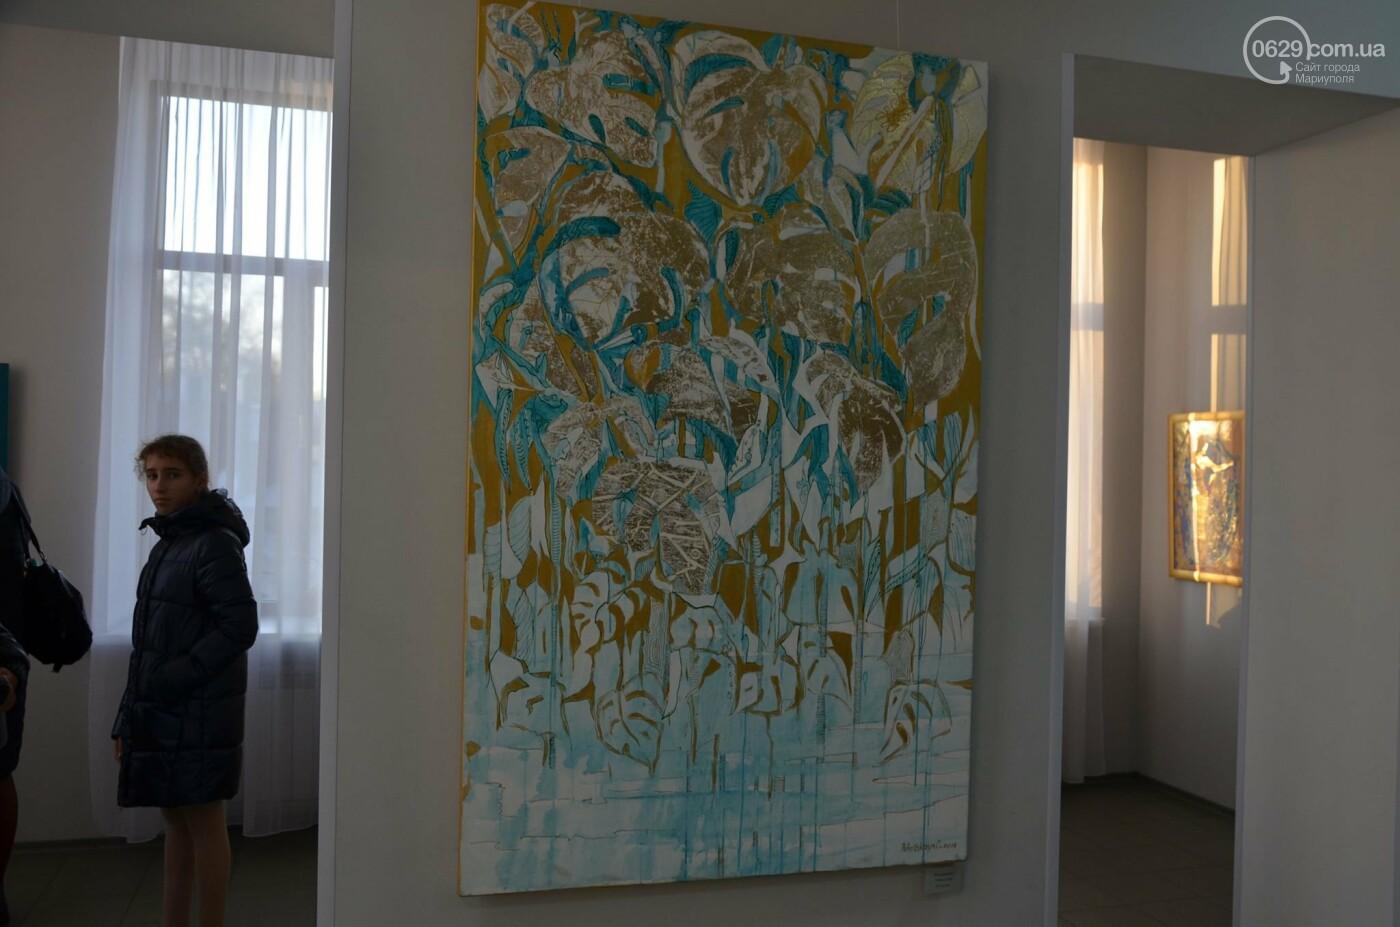 Золото на черном. Мариупольская  художница  Оксана Гнатышин  представила картины в авангардном стиле,-   ФОТО, фото-12